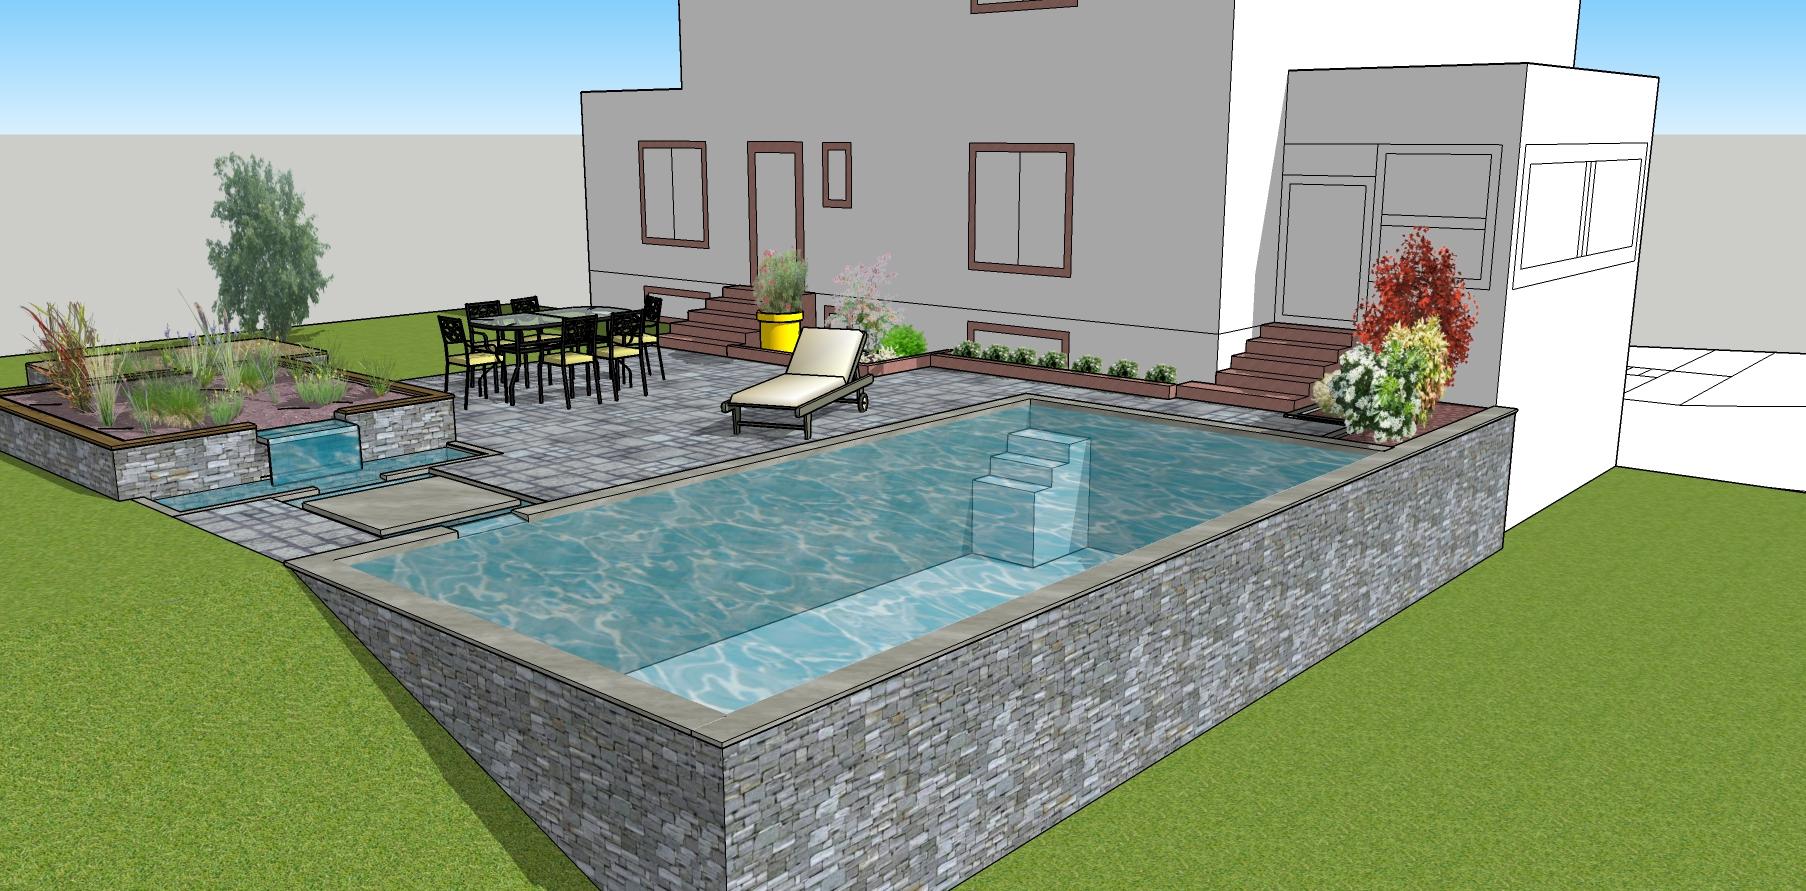 Projet de bassin de baignade en Alsace.